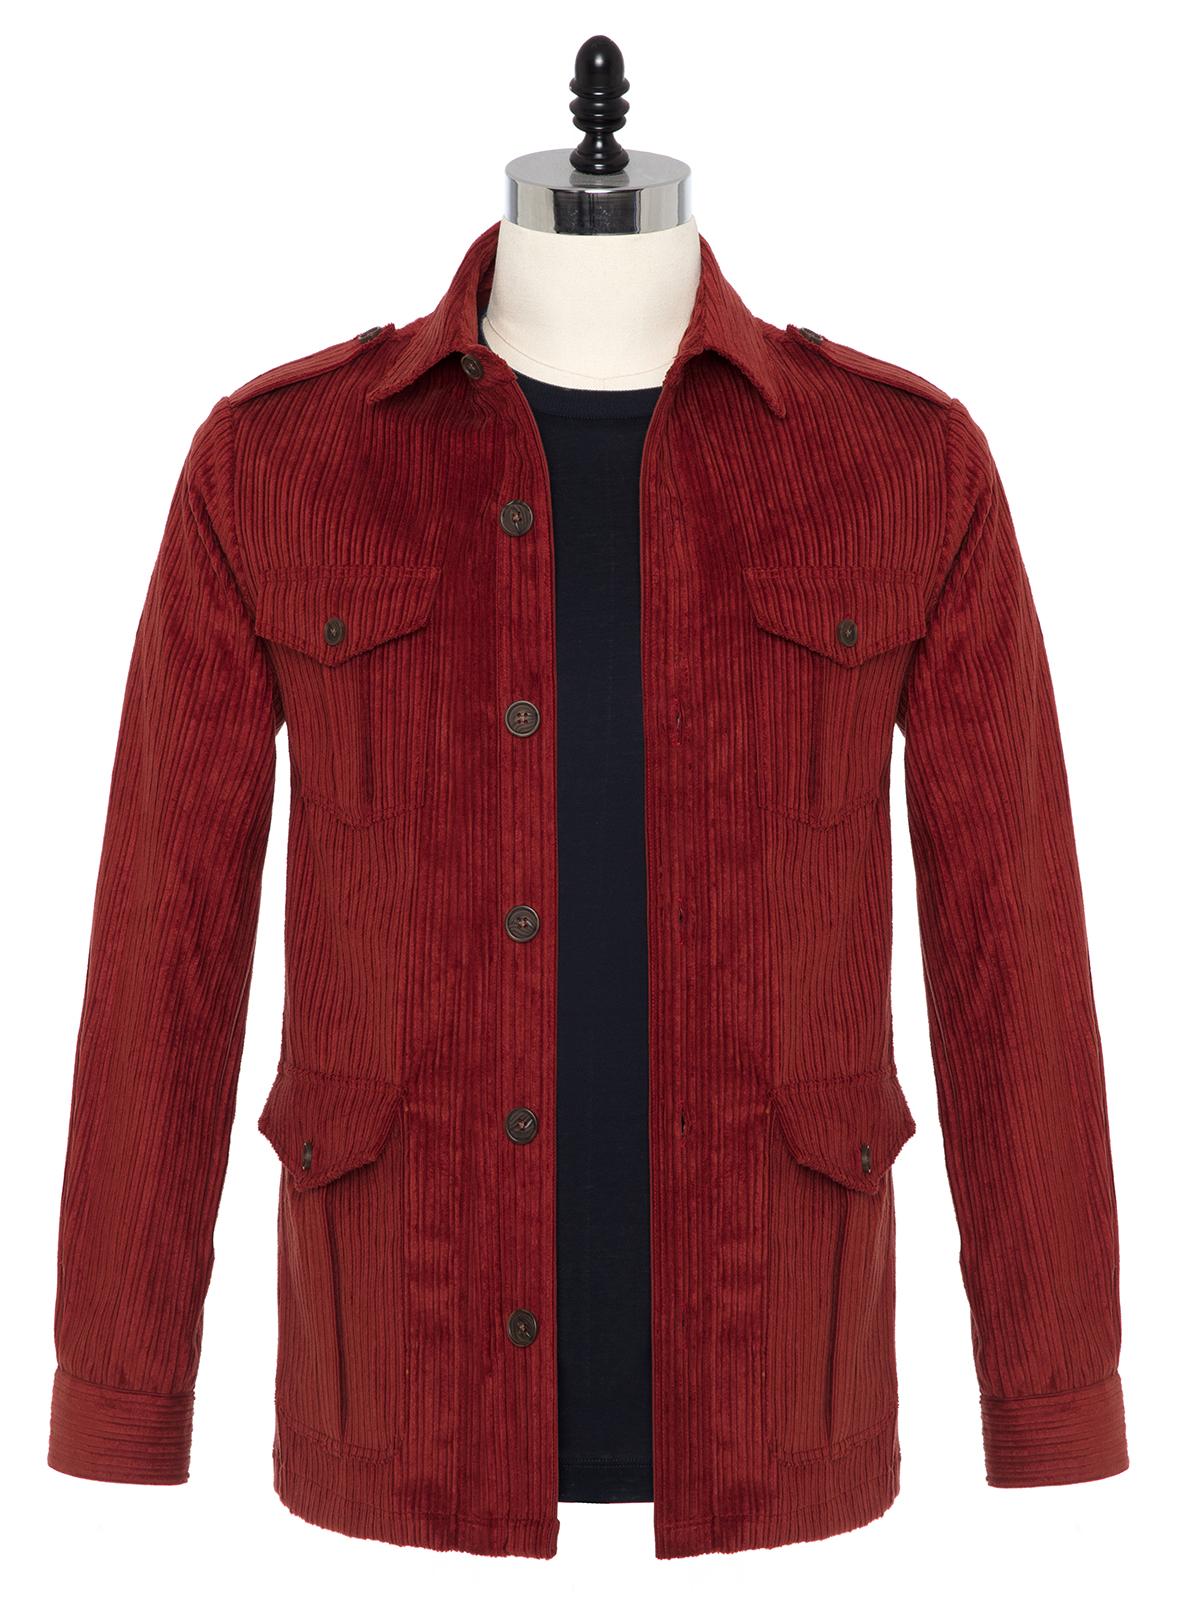 Germirli - Germirli Kiremit Kırmızı Kalın Fitilli Tailor Fit Ceket Gömlek